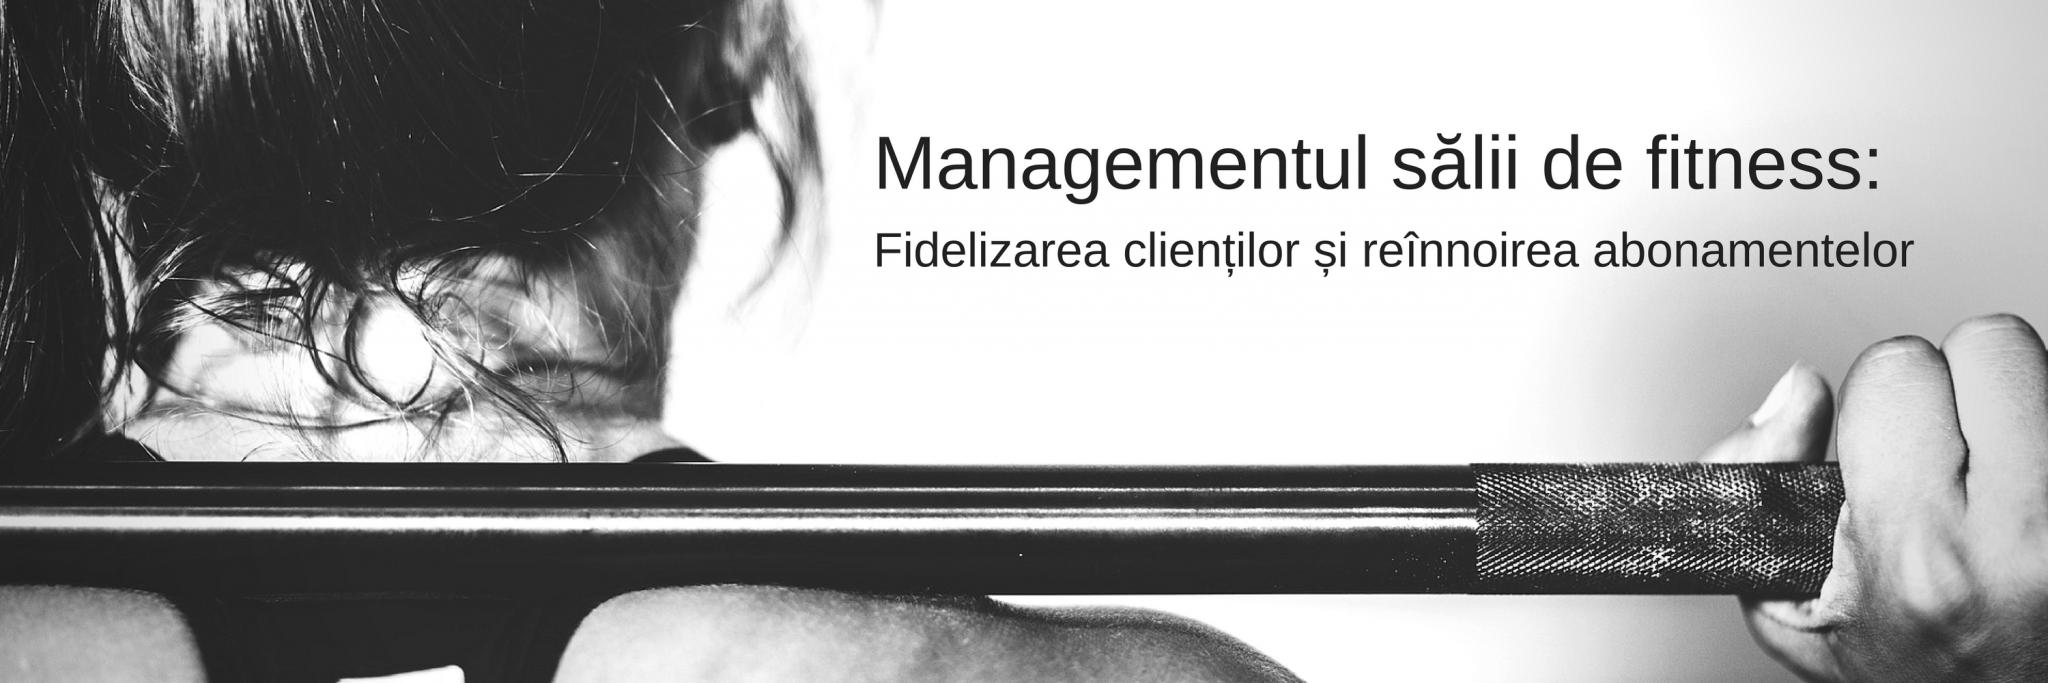 Calnedis Business - Management sala fitness - Abonamente 1